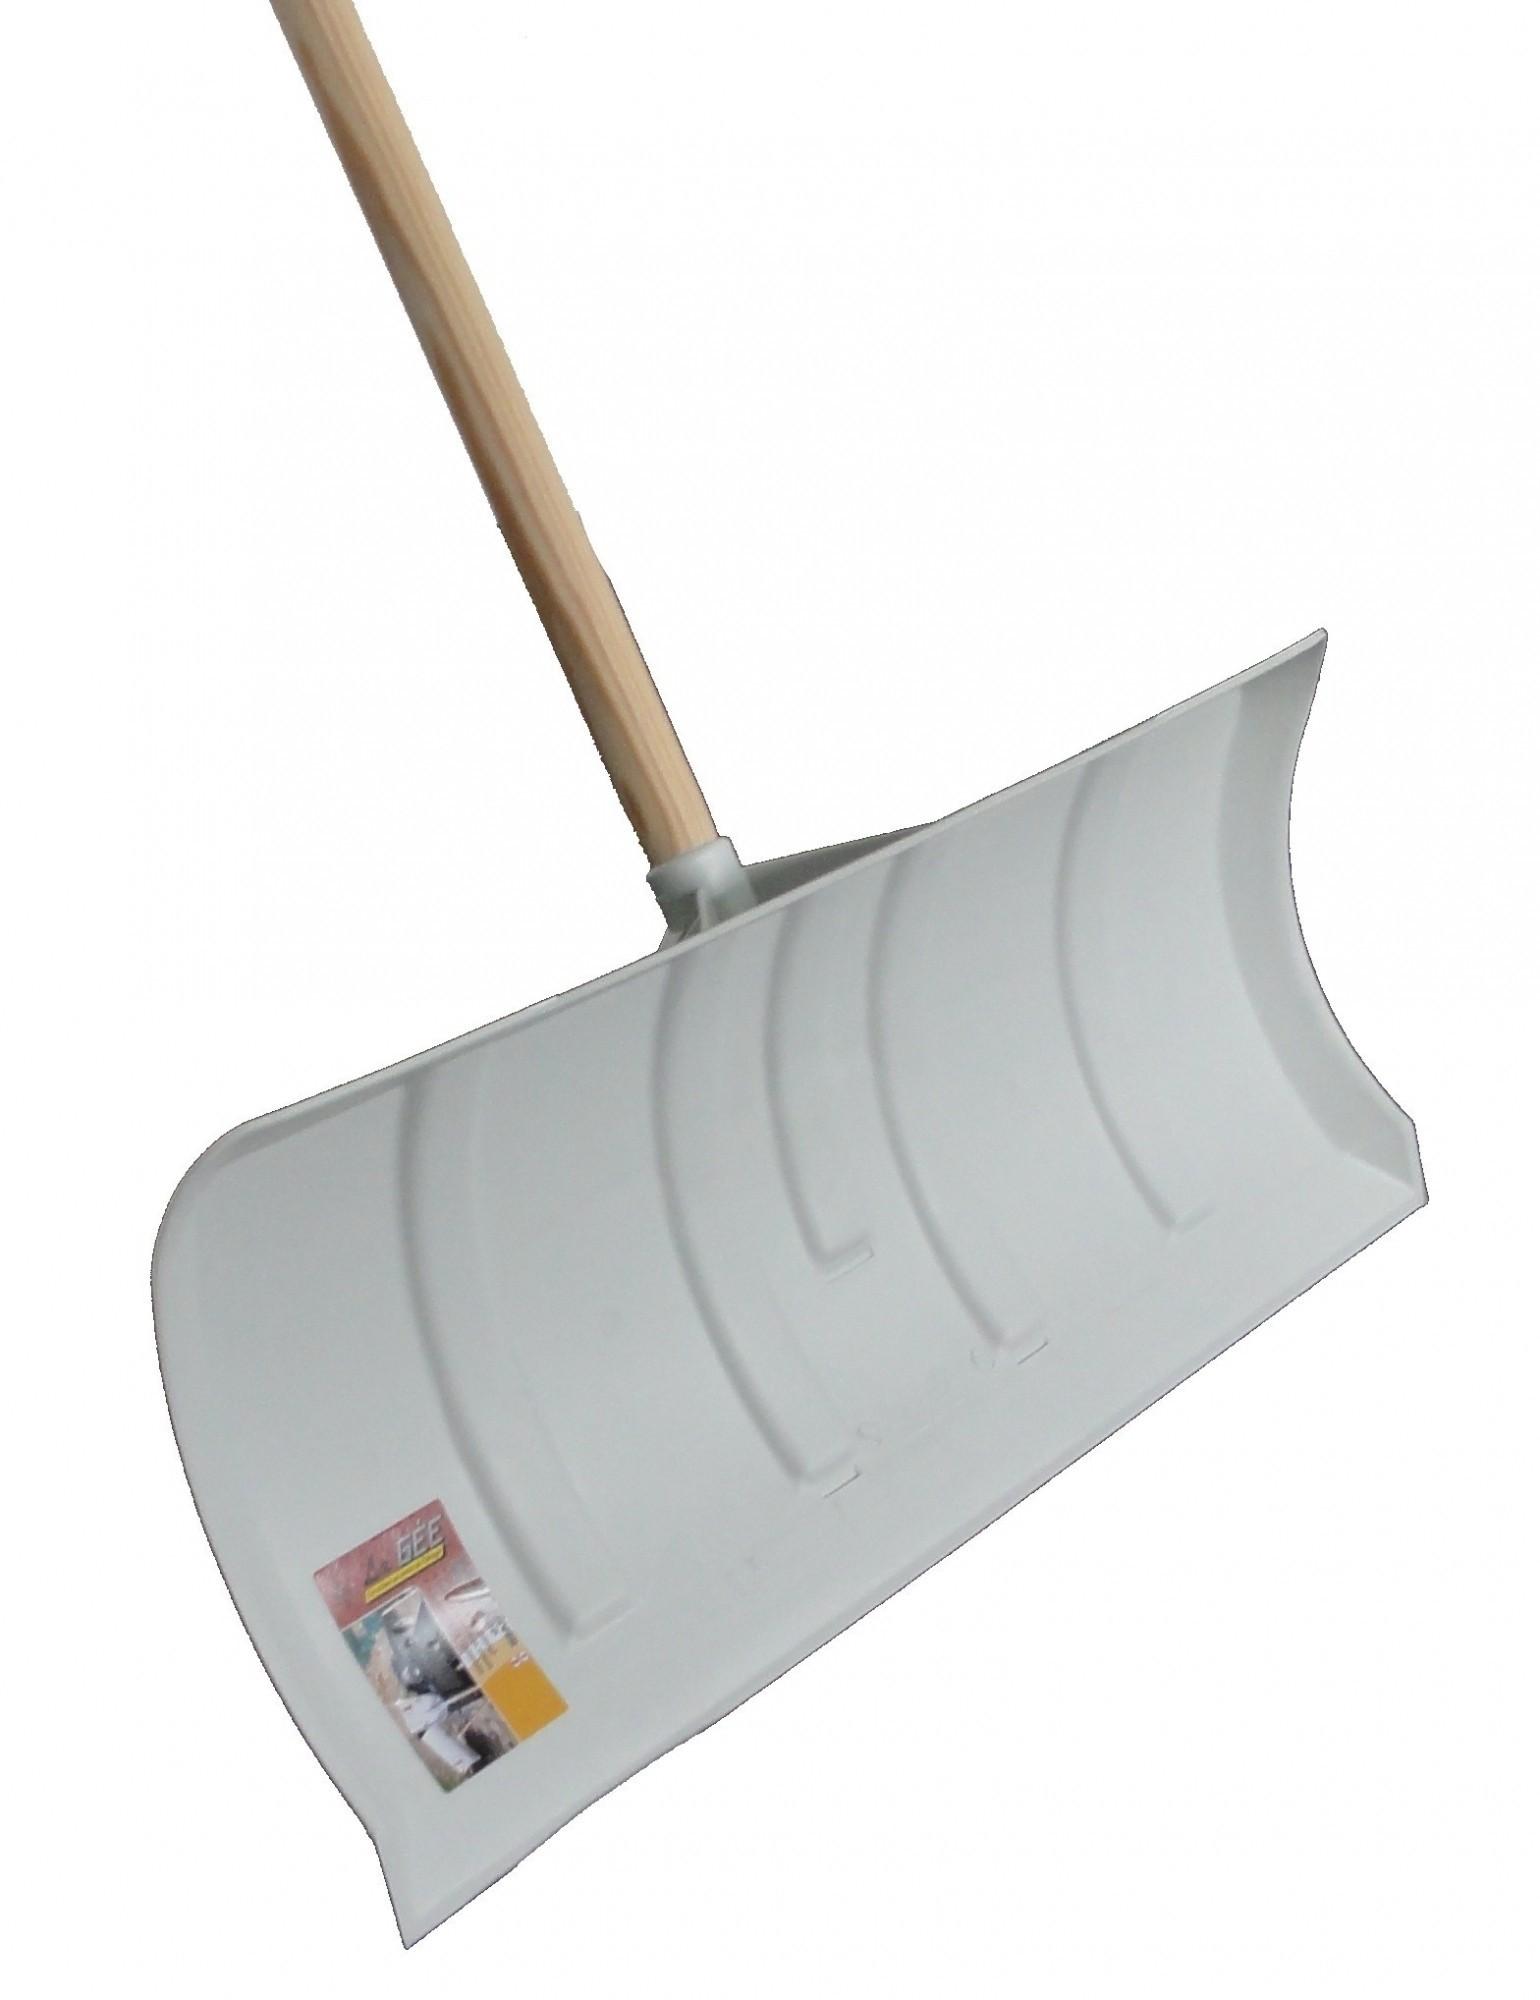 Sneeuwschuiver / Vloerschuiver 66cm breed LaGee met steel